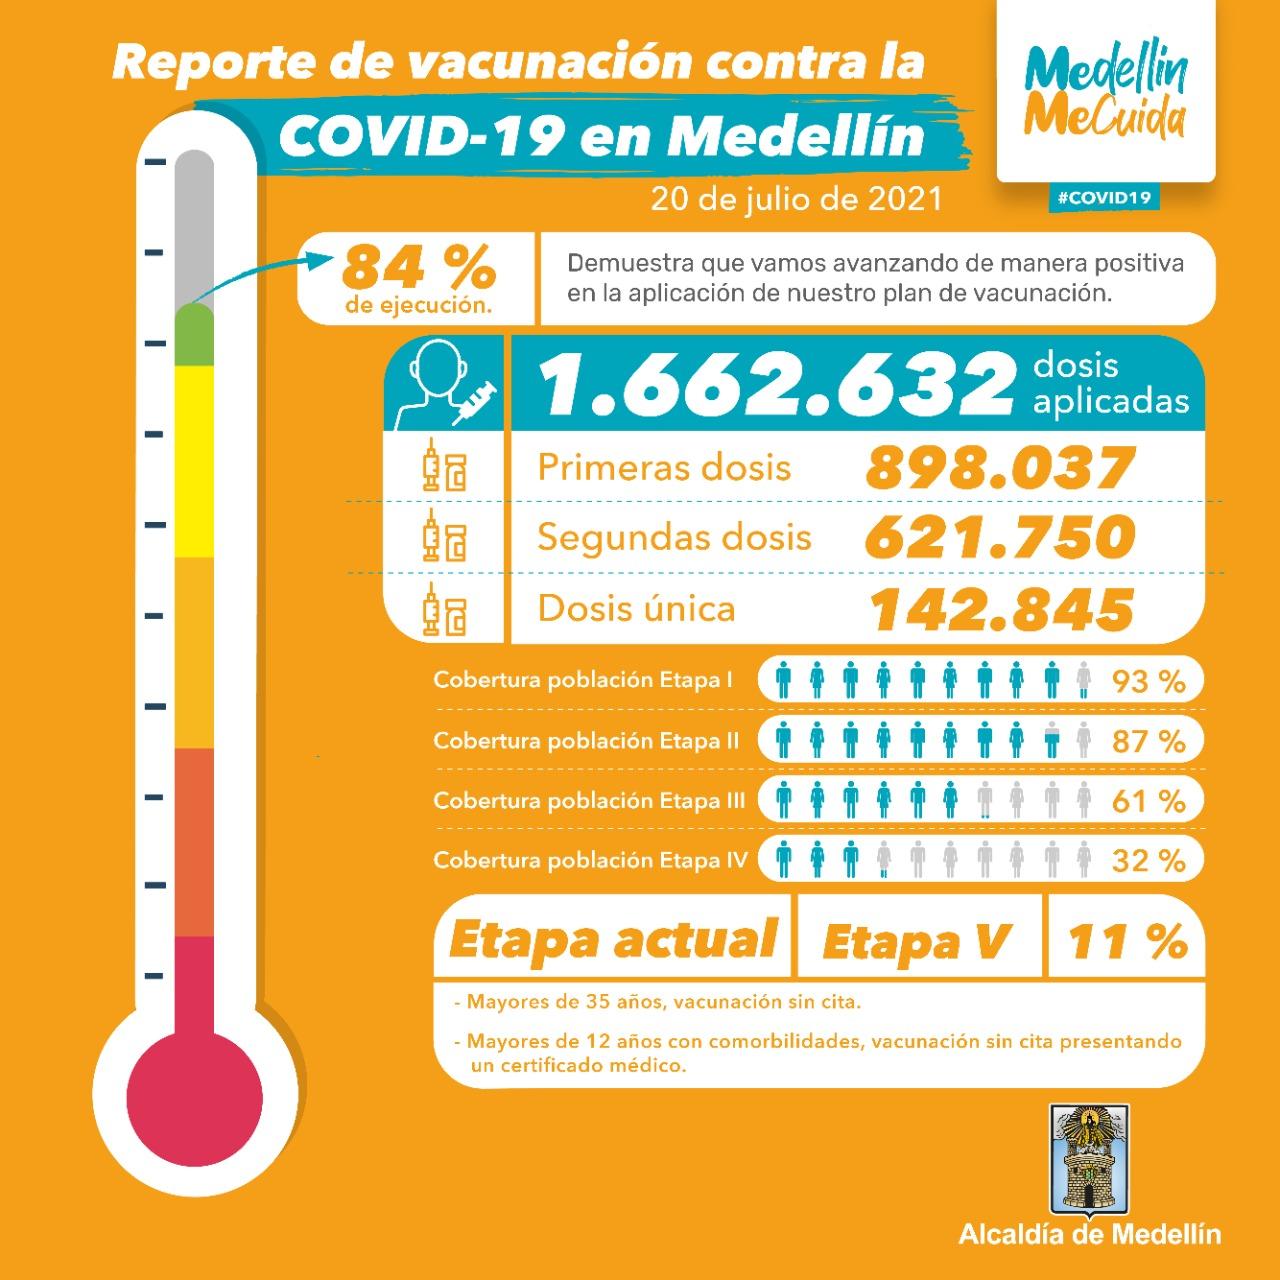 vacunacion medellin 20 de julio 1 ElMetro.com.co